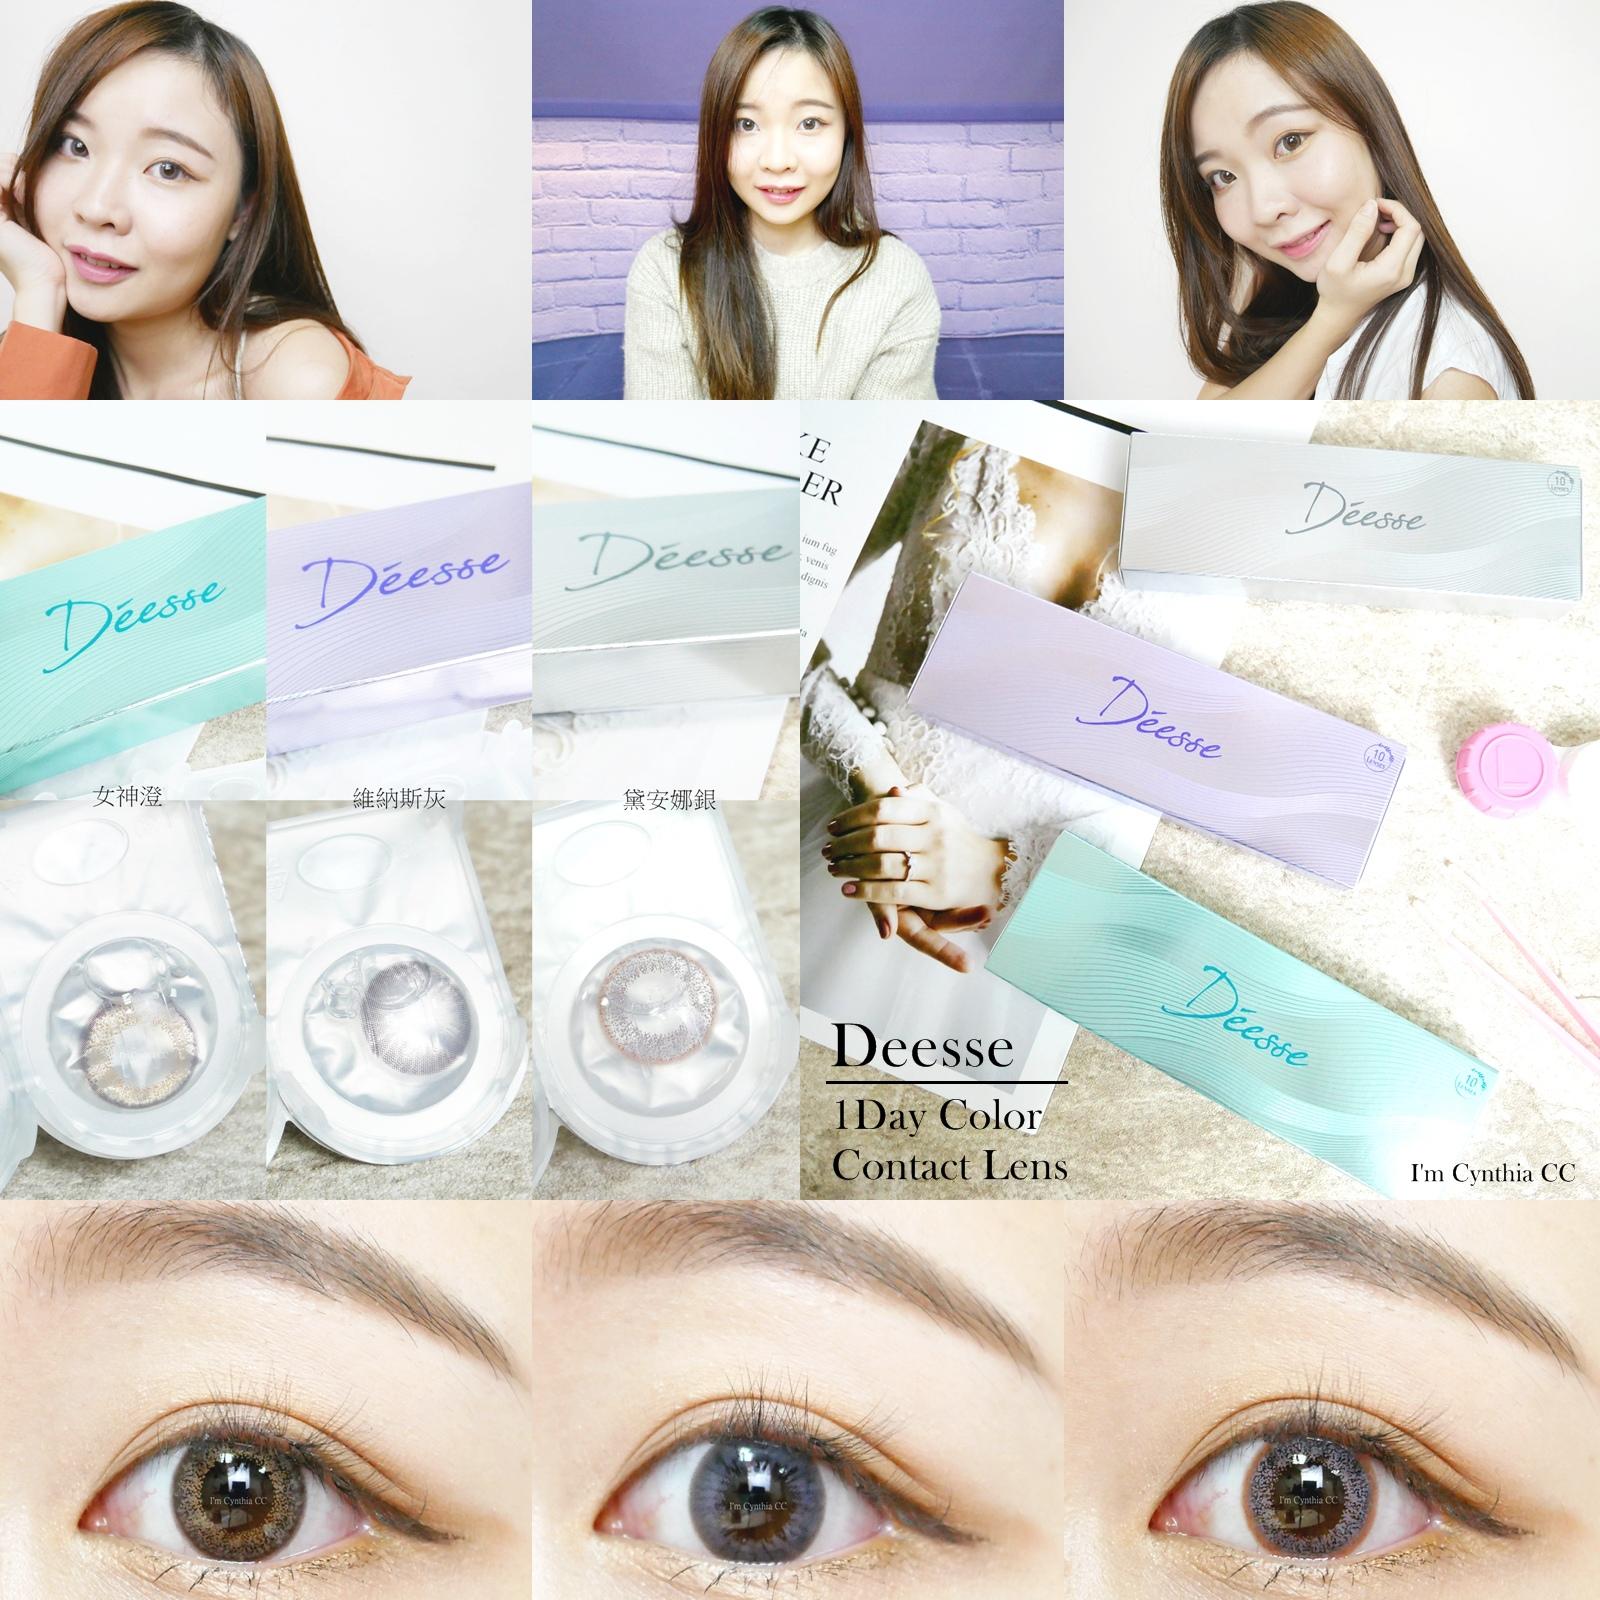 太妍代言的韓風Déesse女神彩色隱形眼鏡實戴分享